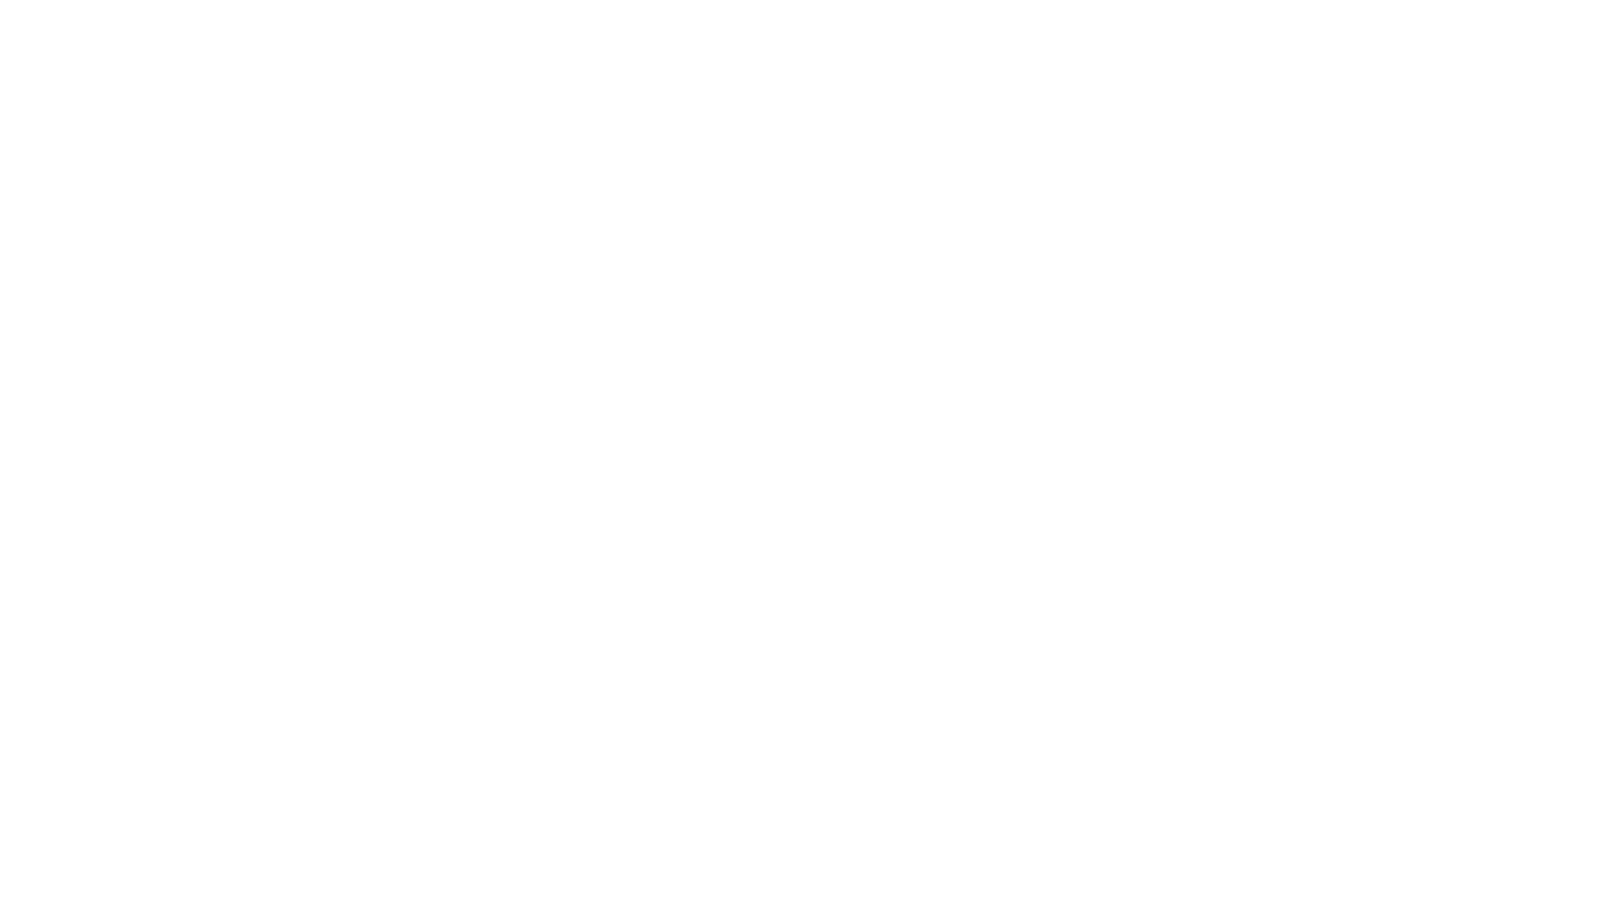 """Chilis faszinieren mich seit ich Gartenbauwissenschaften studiert habe. Die Gattung Capsicum weiss wirklich zu überraschen. Als Nachtschattengewächs sind Chilis und Paprikas bei uns zwar nicht winterhart. Mit meinen Tipps holt Ihr über die Gartensaison jedoch das beste aus Euren Pflanzen heraus. Egal ob Chilis mit höllischer """"schärfe"""" auf Grund einer hohen Capsaicin Dichte oder komplett frei von jeglicher Hitze. Habaneros sind meine absoluten Favoriten, sie wachsen super schön und bereichern jedes Gericht. Schau Dir auch meine Playlist auf Youtube an: https://youtube.com/playlist?list=PLYX0NgNbYObe5AI7GUELG8oQODA24Ve4y #chili #chilisanbauen #scharfeschoten #habanero #bhutjolikia #capsicum #capsaicin Wie entwickeln sich die Chilis bisher und welche Tomaten sind gekeimt? Tomaten und Chili Dünger: https://amzn.to/3eD9bEs  Dann freue ich mich über ein Abo auf Youtube (http://bit.ly/2YwNQTV). ----- Mehr erfahren! ----- Besuche http://www.gartenschlau.com und http://www.botanikforum.de    Ich habe Gartenbauwissenschaften studiert, danach war ich 8 Jahre lang Gartencenterleiter, zwei Jahre in der Pflanzenproduktion und seit 2019 mache ich Gartenbauthemen nur noch über Youtube.  Meine Lieblingsthemen sind: Orchideen: https://youtube.com/playlist?list=PLYX0NgNbYObfYwwk6mw1dk2_9MS7bfKDz Chilis: https://youtube.com/playlist?list=PLYX0NgNbYObe5AI7GUELG8oQODA24Ve4y Amaryllisgewächse: https://youtube.com/playlist?list=PLYX0NgNbYObfW9dNnjRt0p2eBGXbfTY-L Mediterrane und Exotische Pflanzen: https://youtube.com/playlist?list=PLYX0NgNbYObeMcFMzxxrr6opjzrFCuLau  Instagram (https://bit.ly/2LaTDeP) und Facebook (http://bit.ly/3oxpAvH). Auch kannst Du mich direkt über einen Kaffee (http://bit.ly/3te7u5c) als Dank sehr freuen.    Mit gartenschlauen Grüßen Bernd Vollmer"""